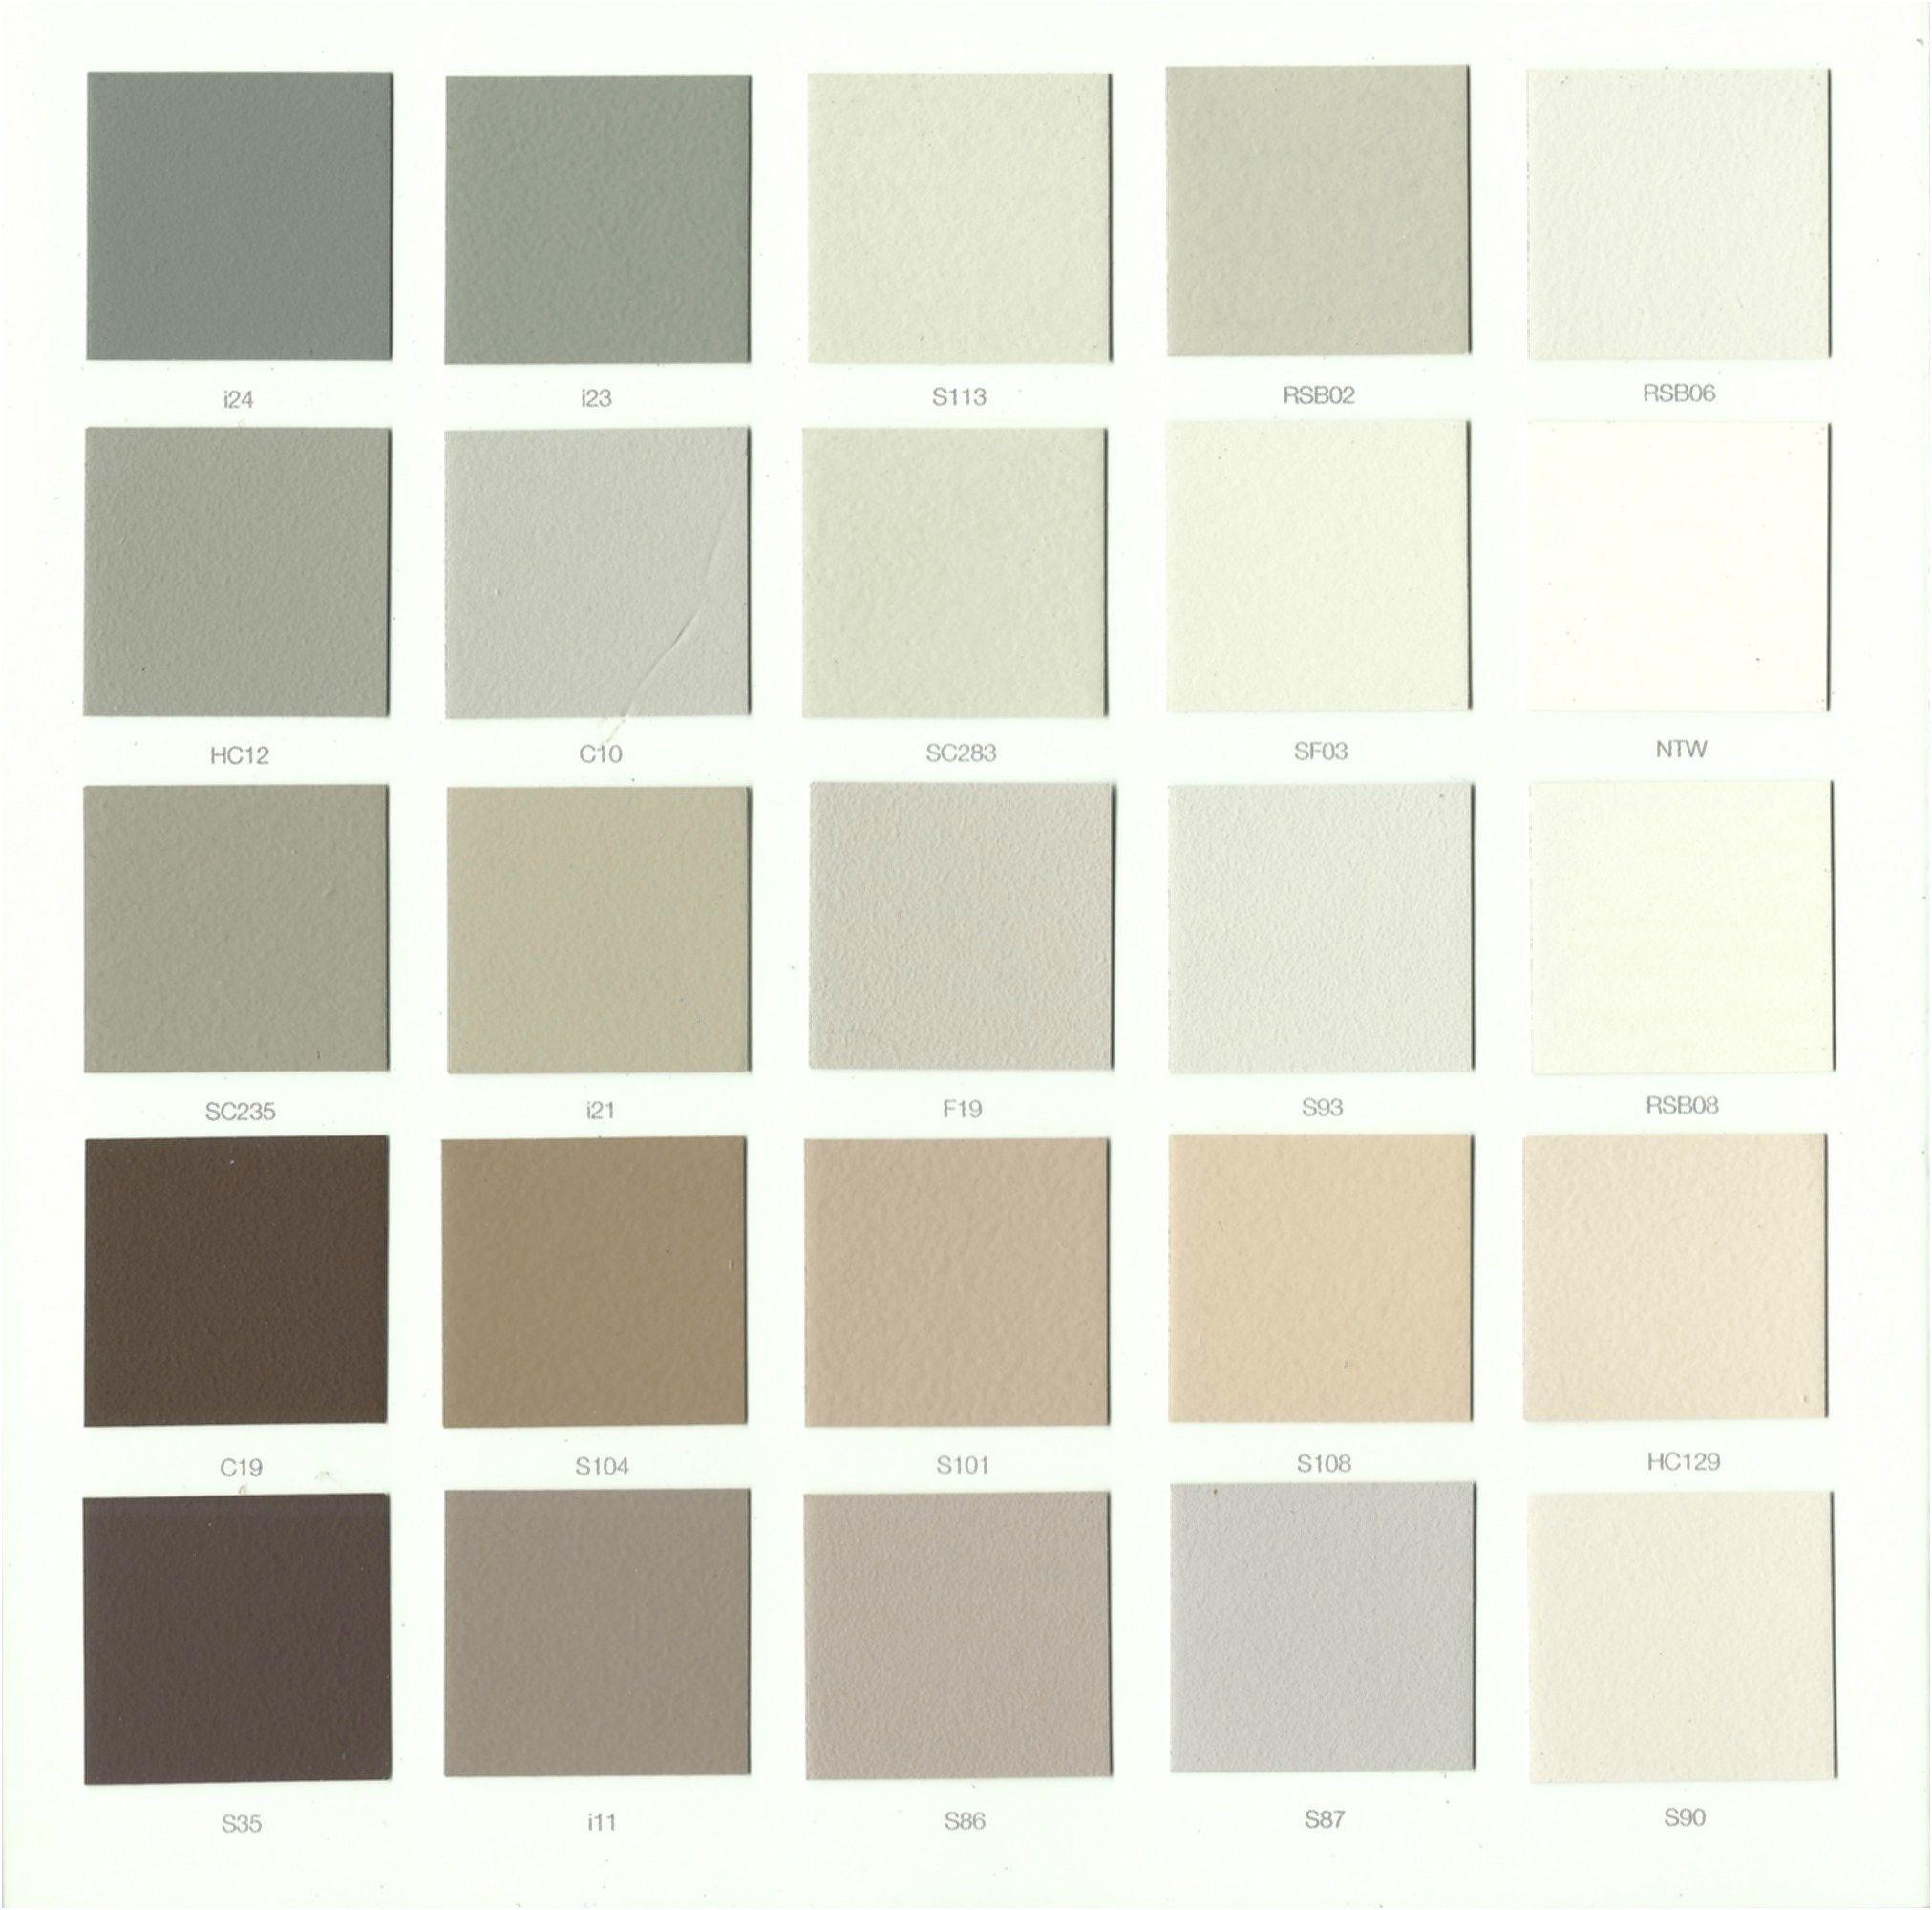 peinture couleur beige | Couleur façade maison, Peinture gris taupe, Couleur taupe peinture